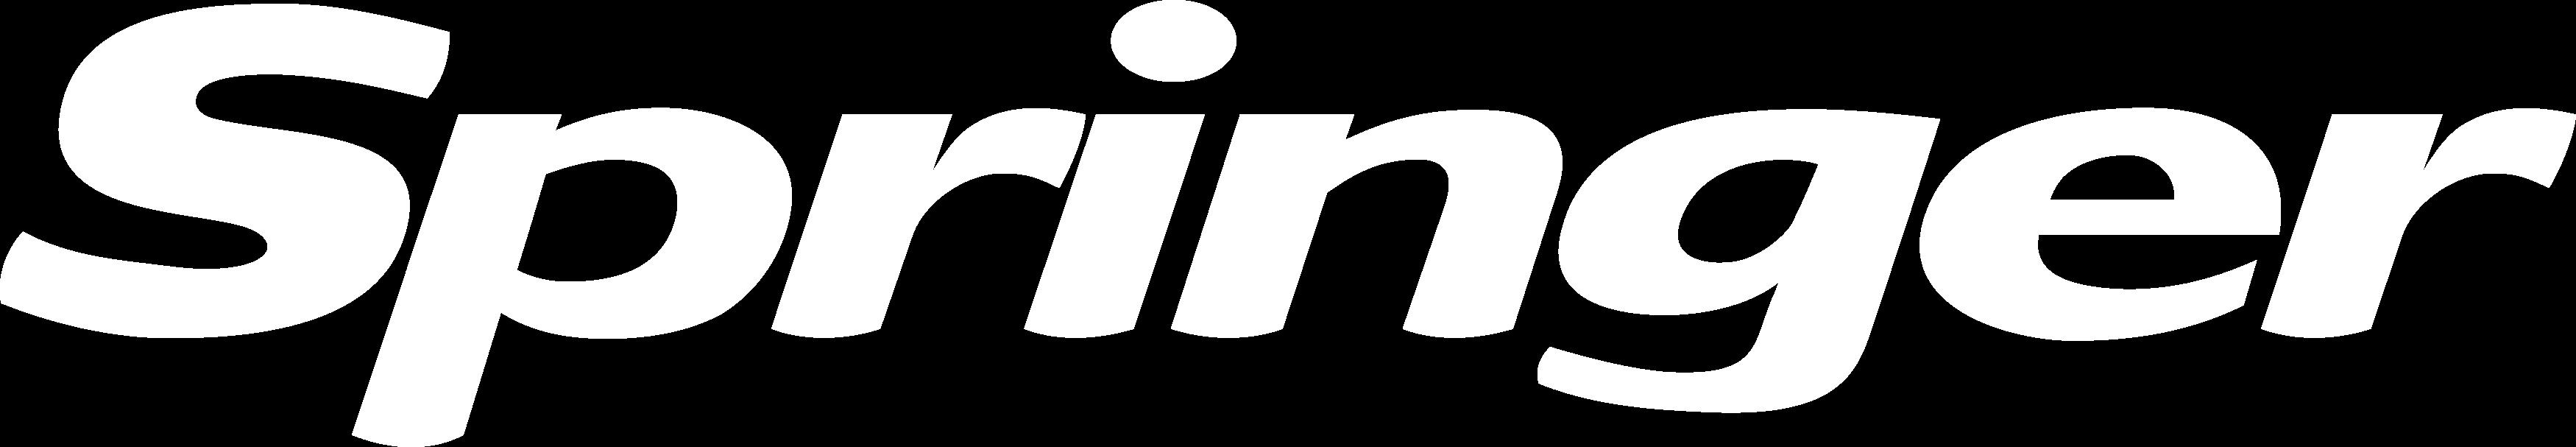 springer logo 2 - Springer Logo